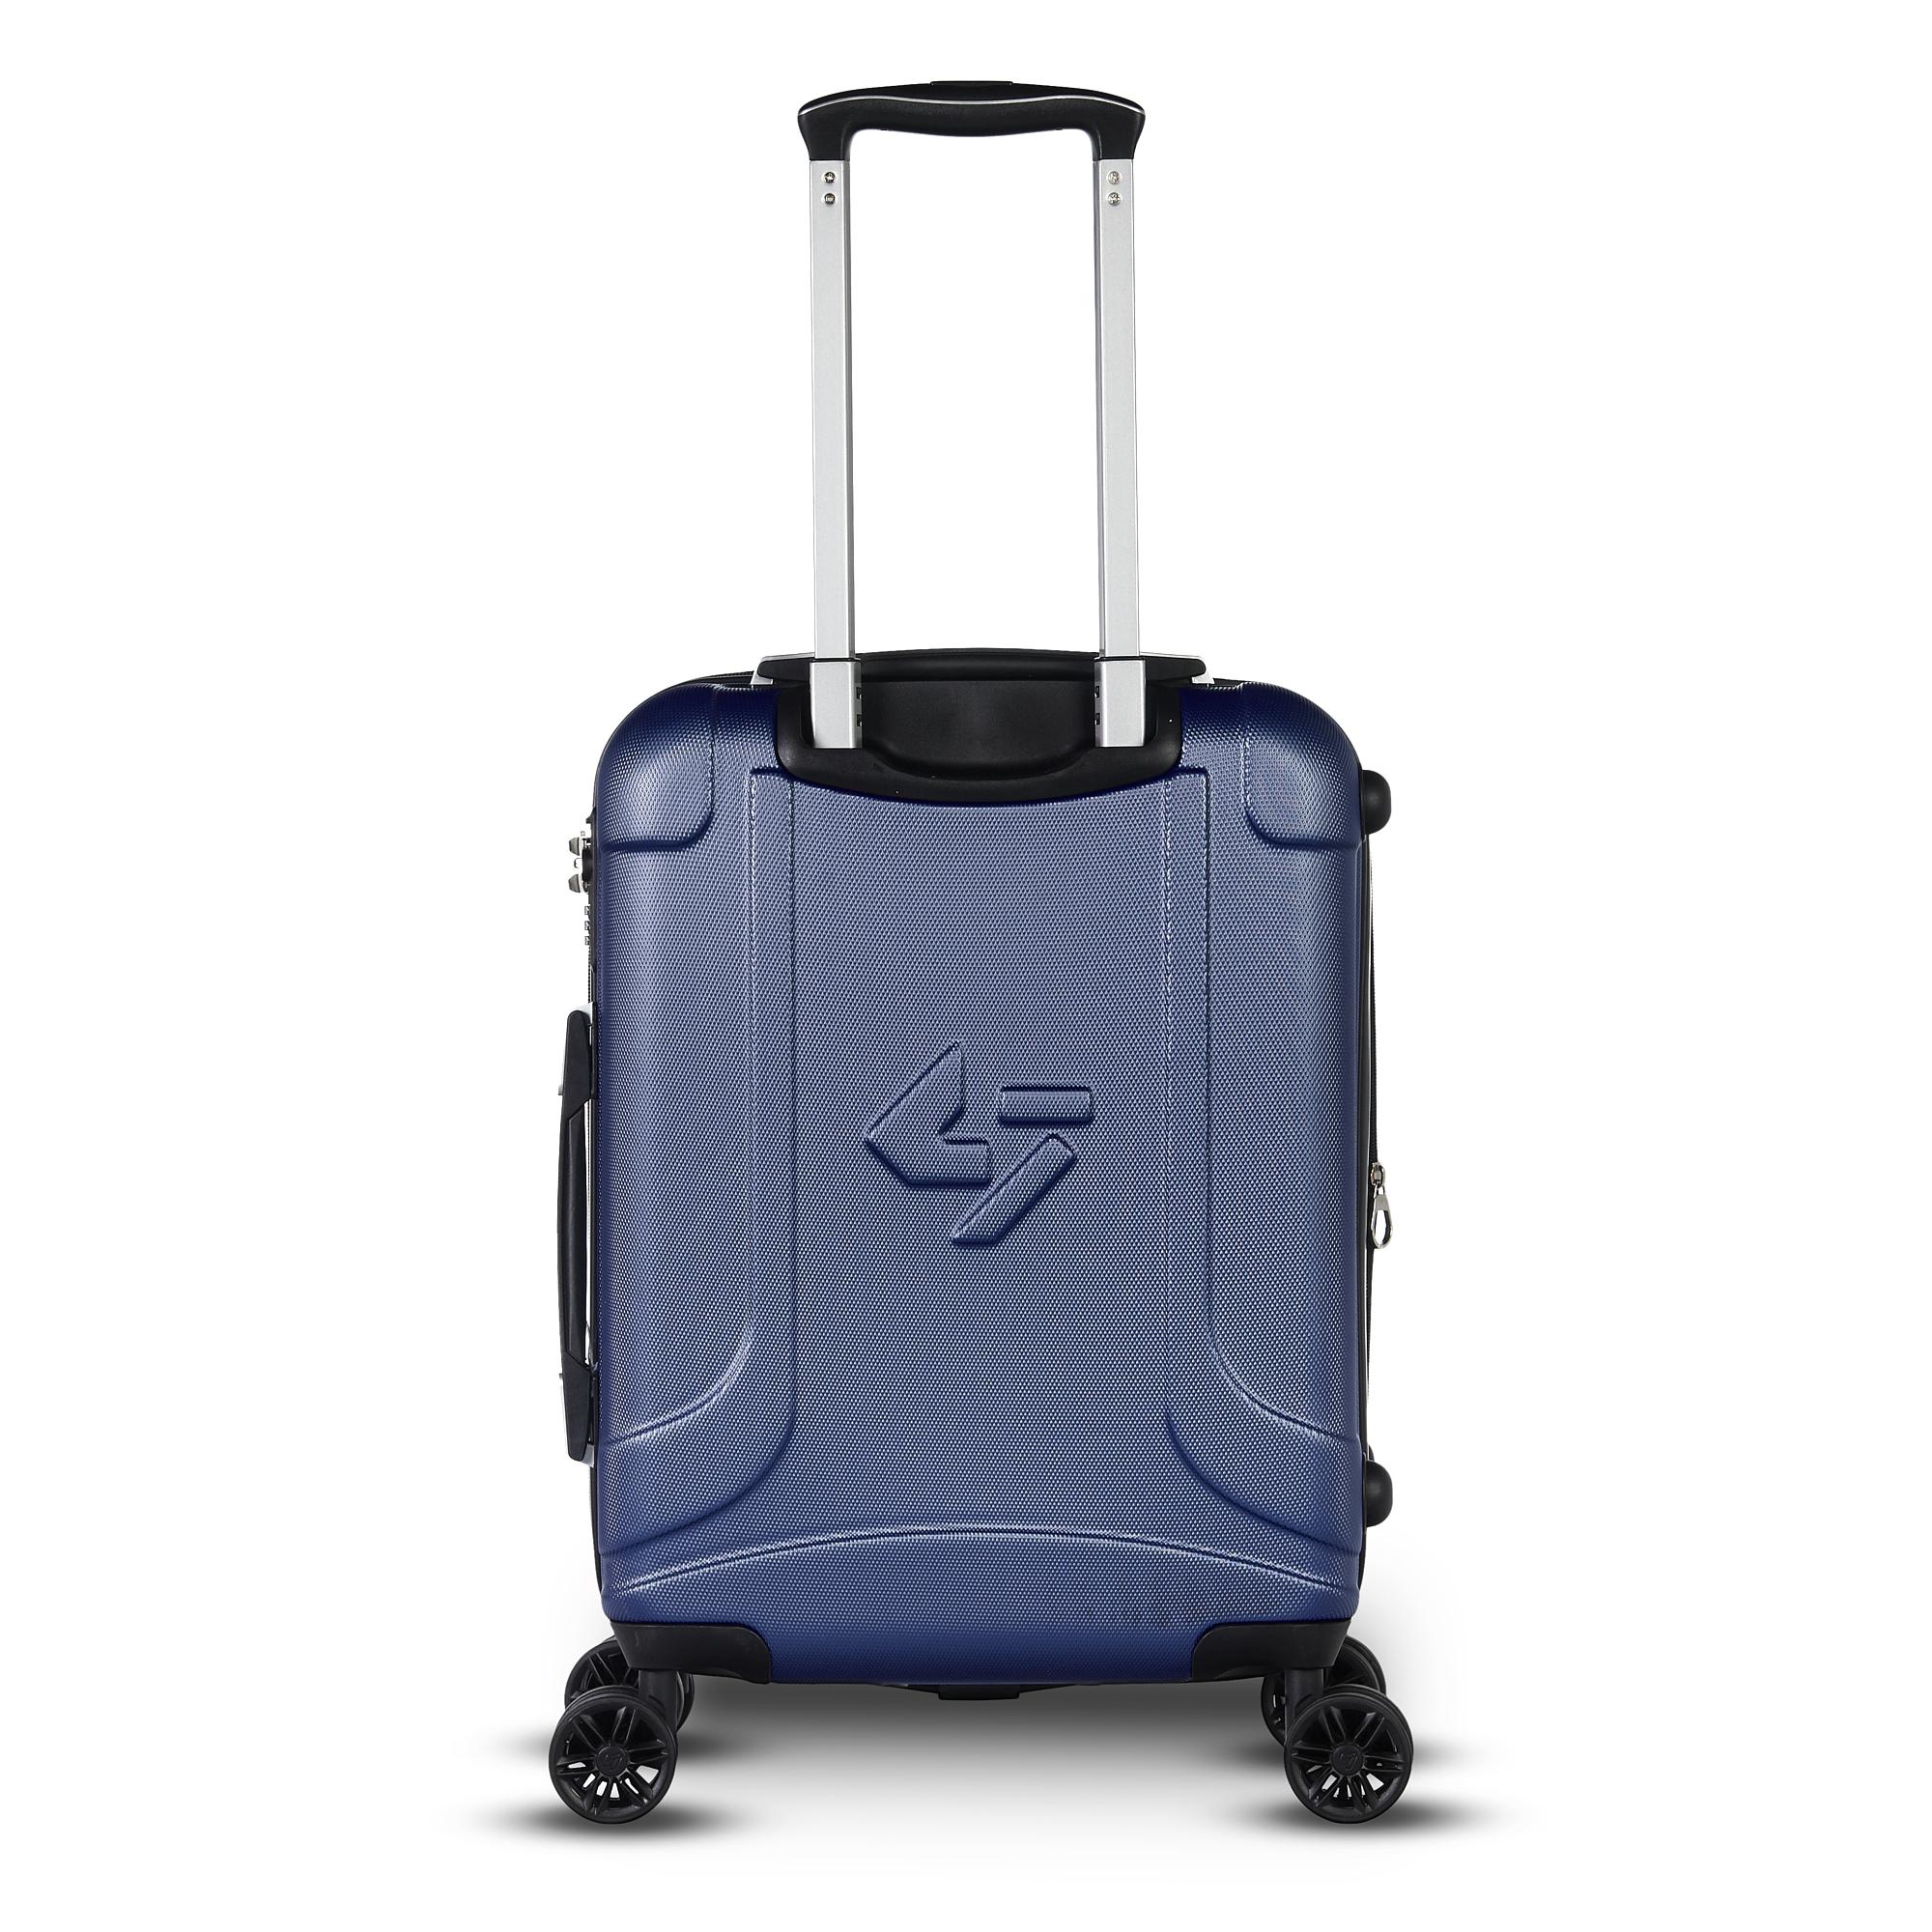 LG_GA2150_BLUE_BACK